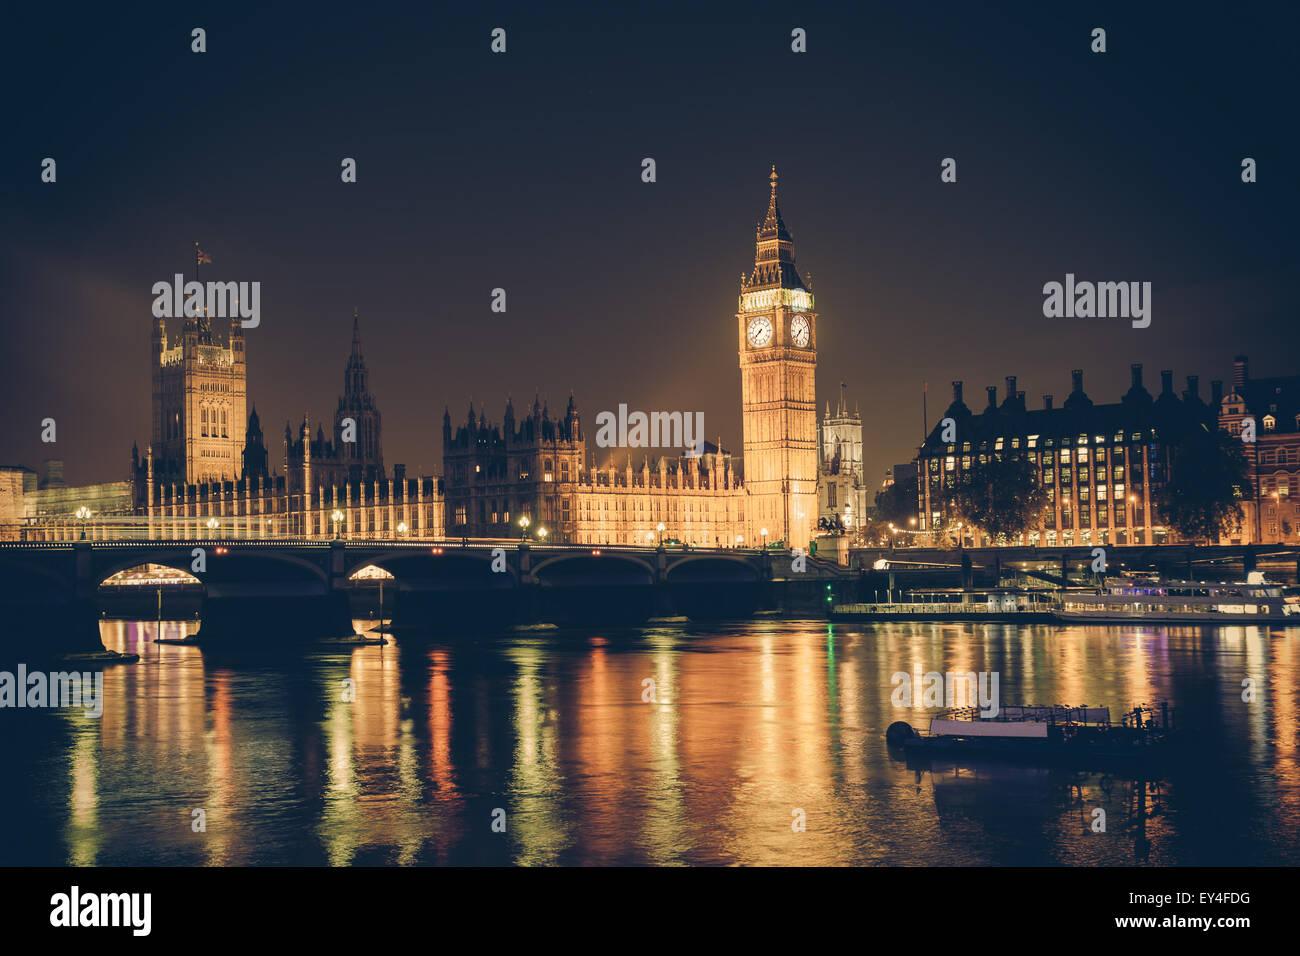 Vue de Big Ben et de Westminster à l'échelle de la rivière Thames, dans la nuit. Cette image Photo Stock